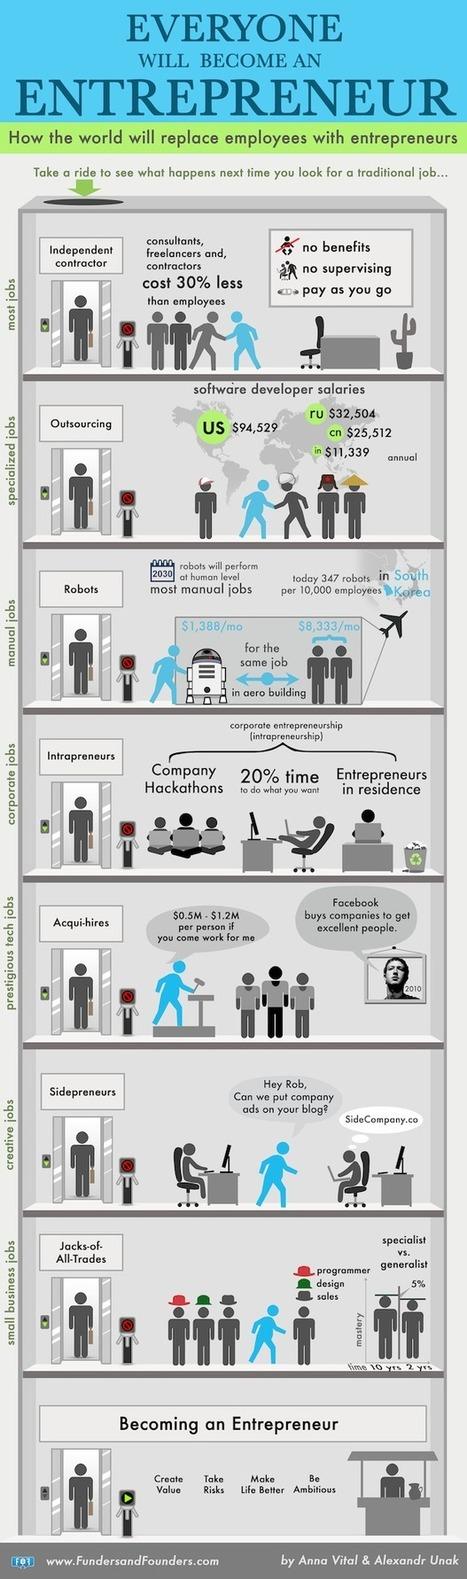 ¿Debería todo el mundo convertirse en emprendedor? - PulsoSocial | Emprendedurismo | Scoop.it